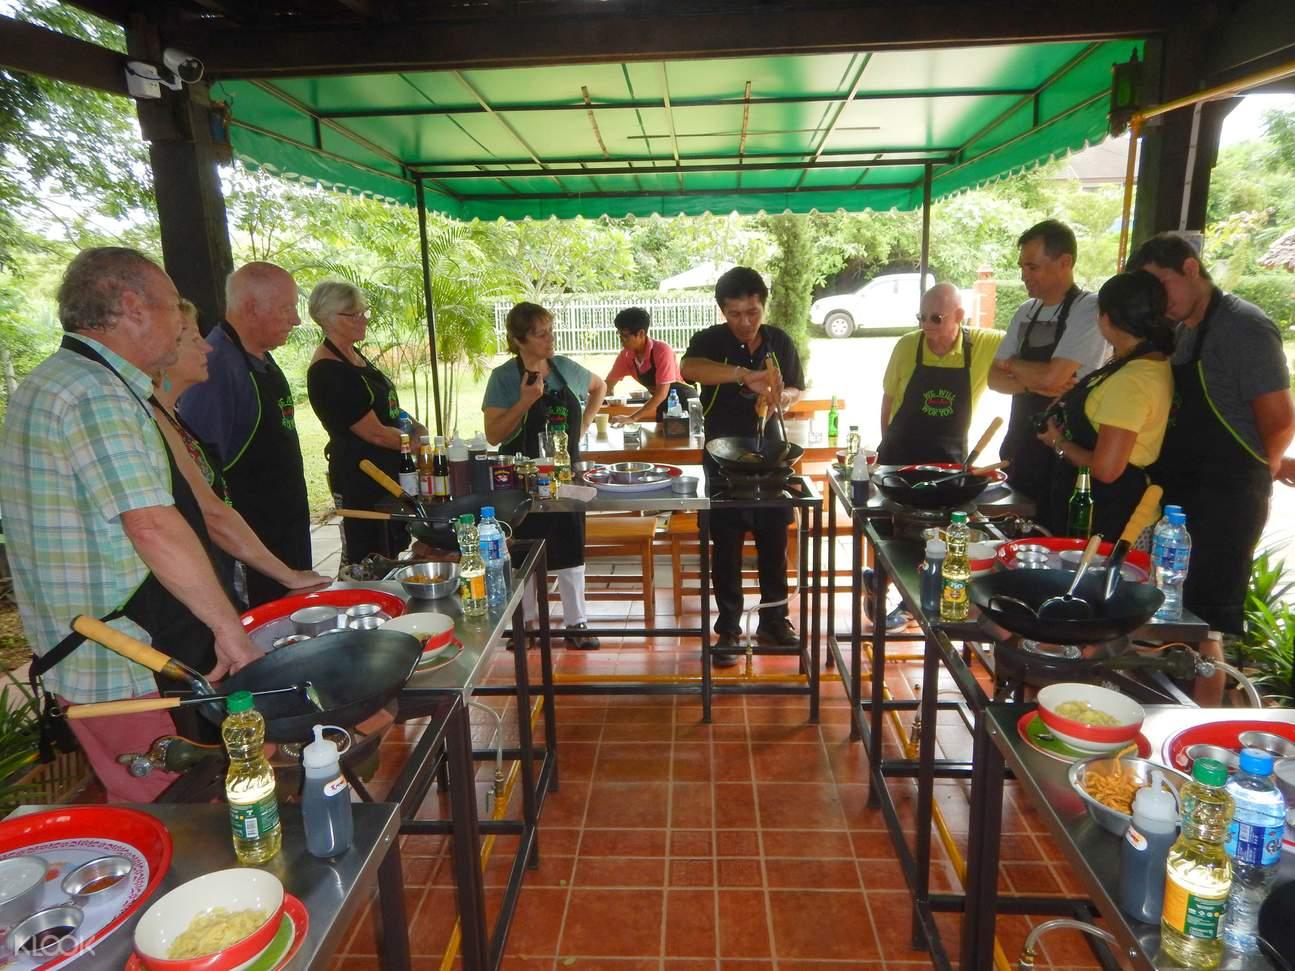 清迈美食,清迈烹饪课,清迈美食课,清迈特色体验